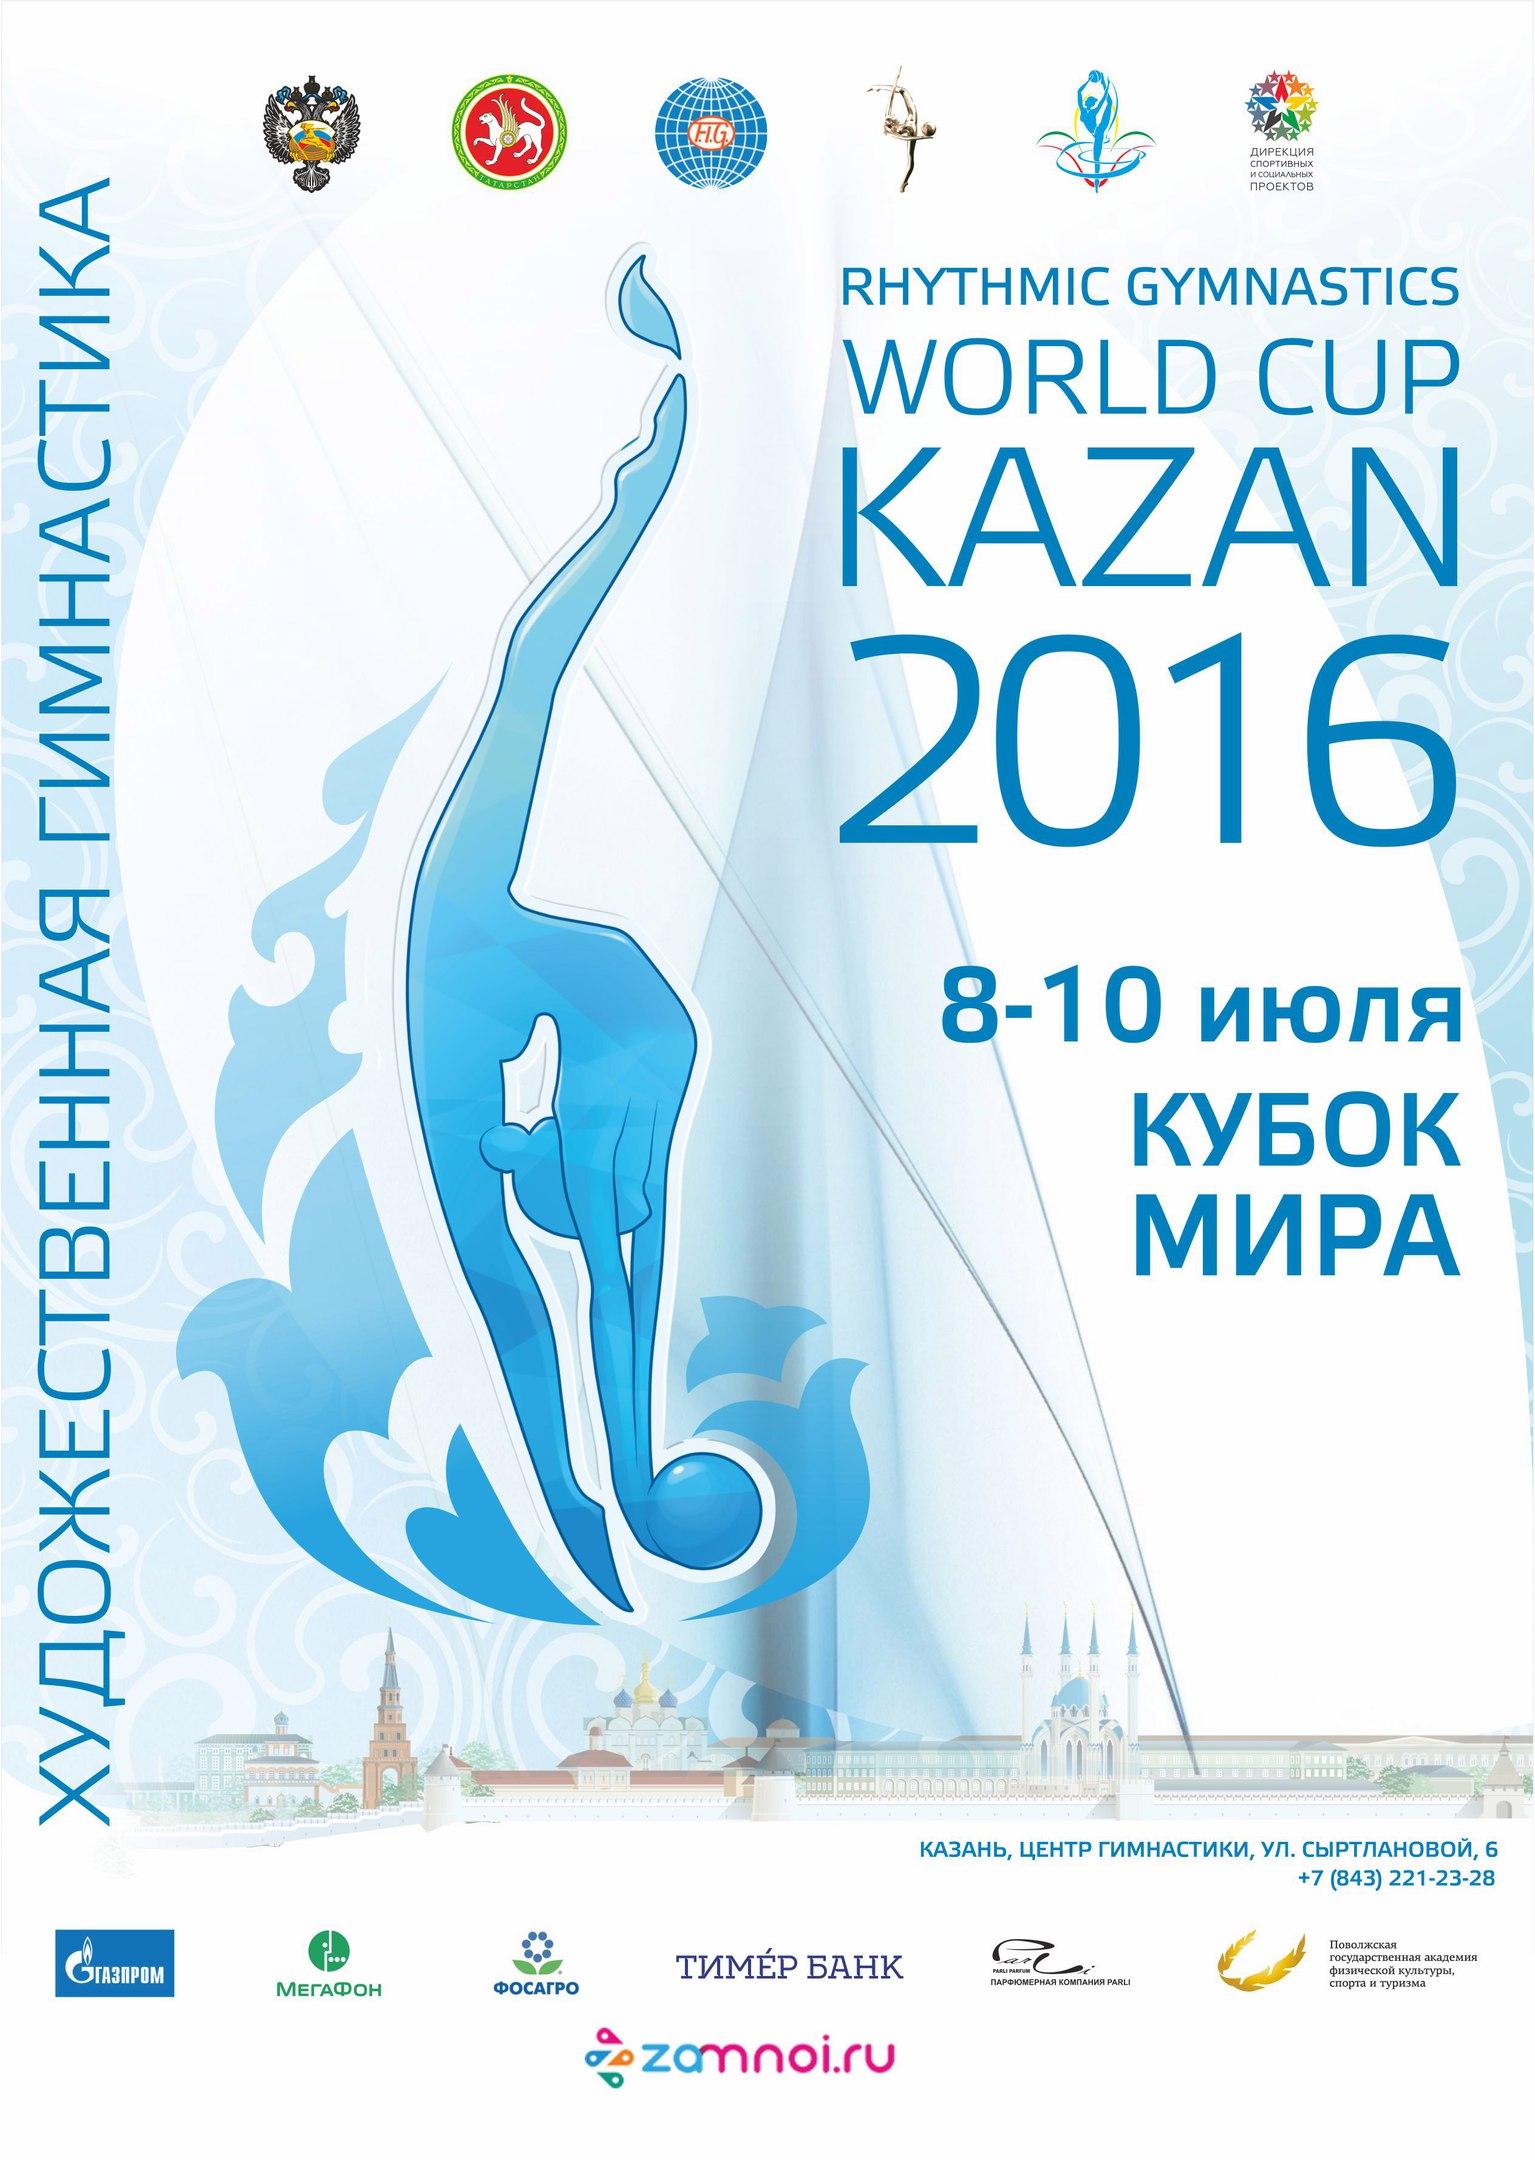 WORLD CUP KAZAN 2016